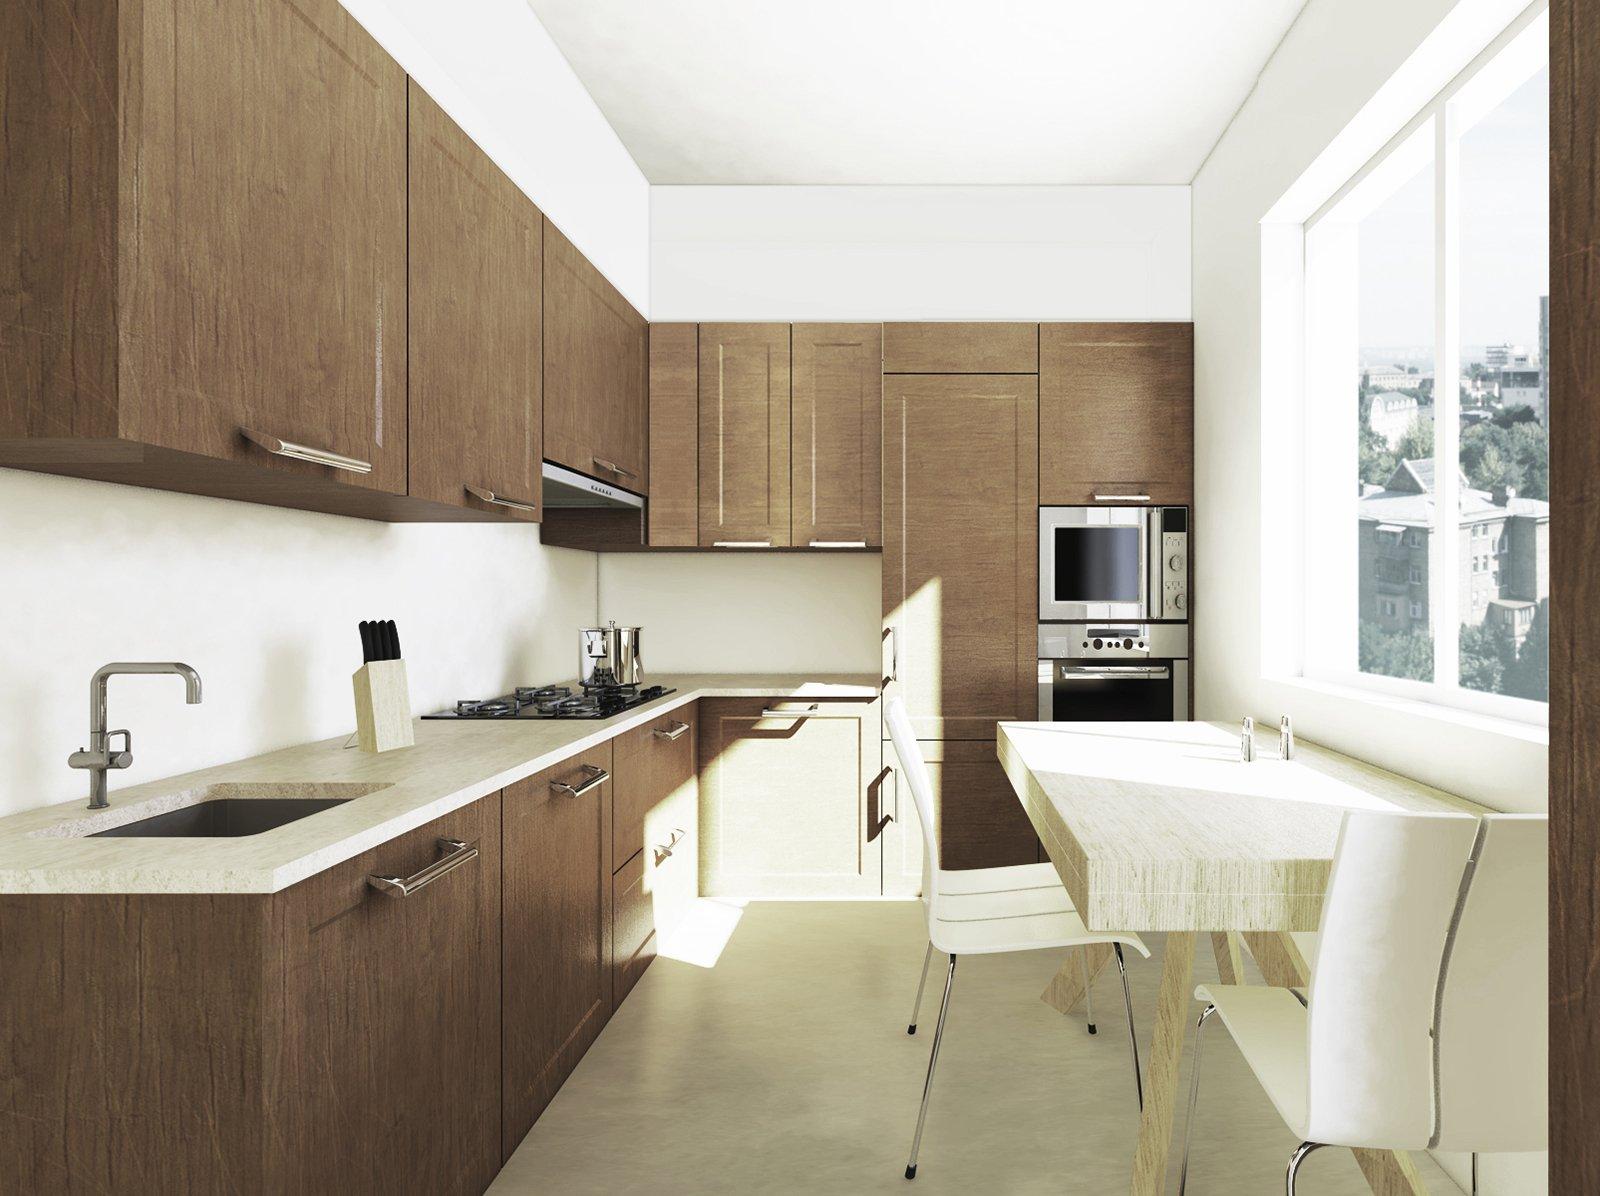 Arredare la cucina con dispensa e vano ripostiglio - Cucina con dispensa ...